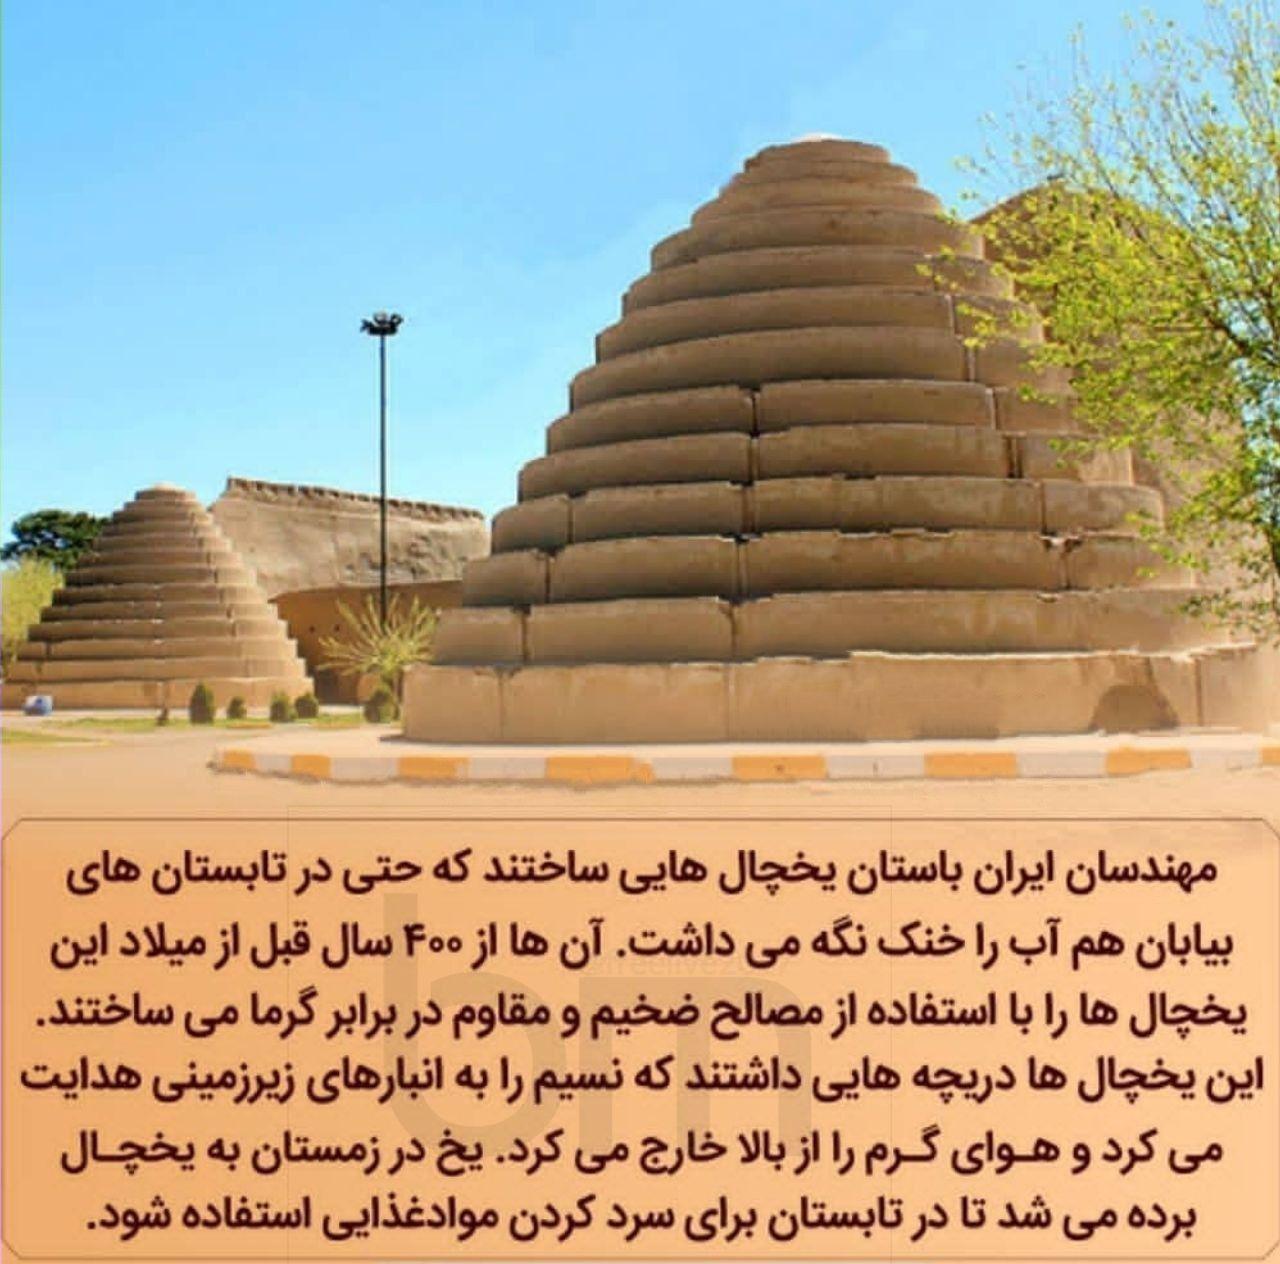 ساخت یخچال توسط مهندسین ایران باستان + عکس